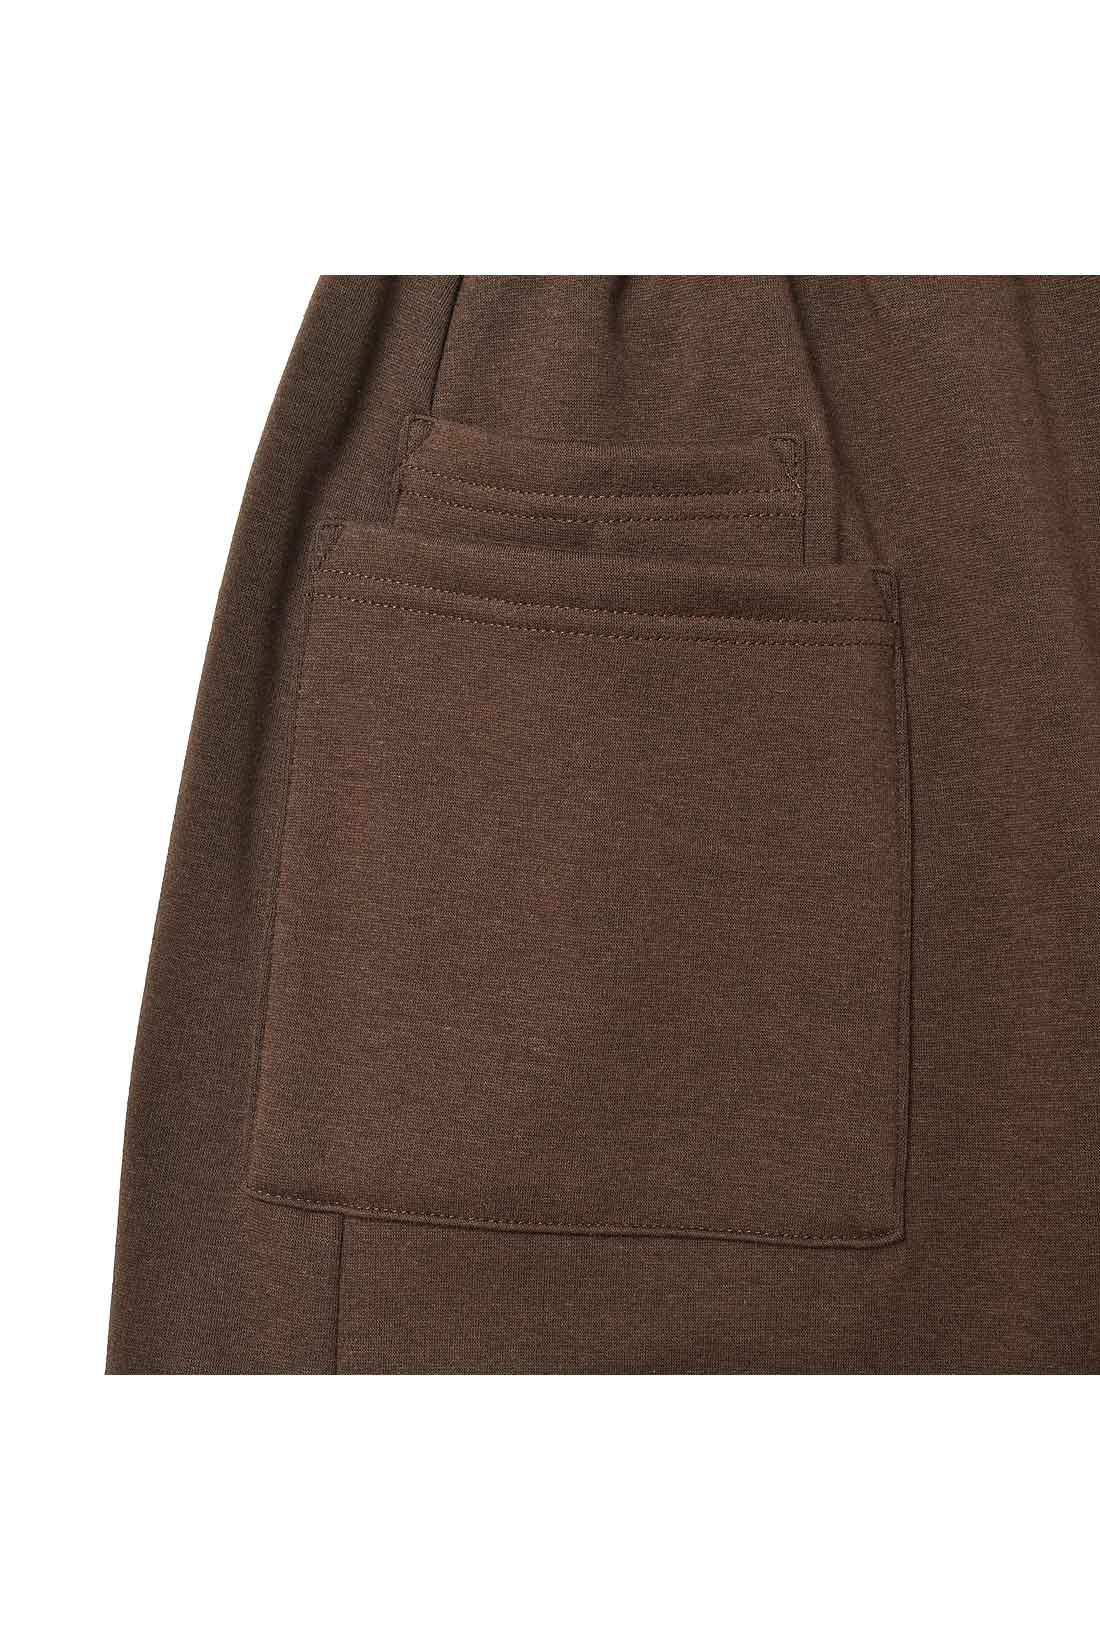 ちっちゃな小物が迷子にならないようにポケットの中にミニポケット付き。